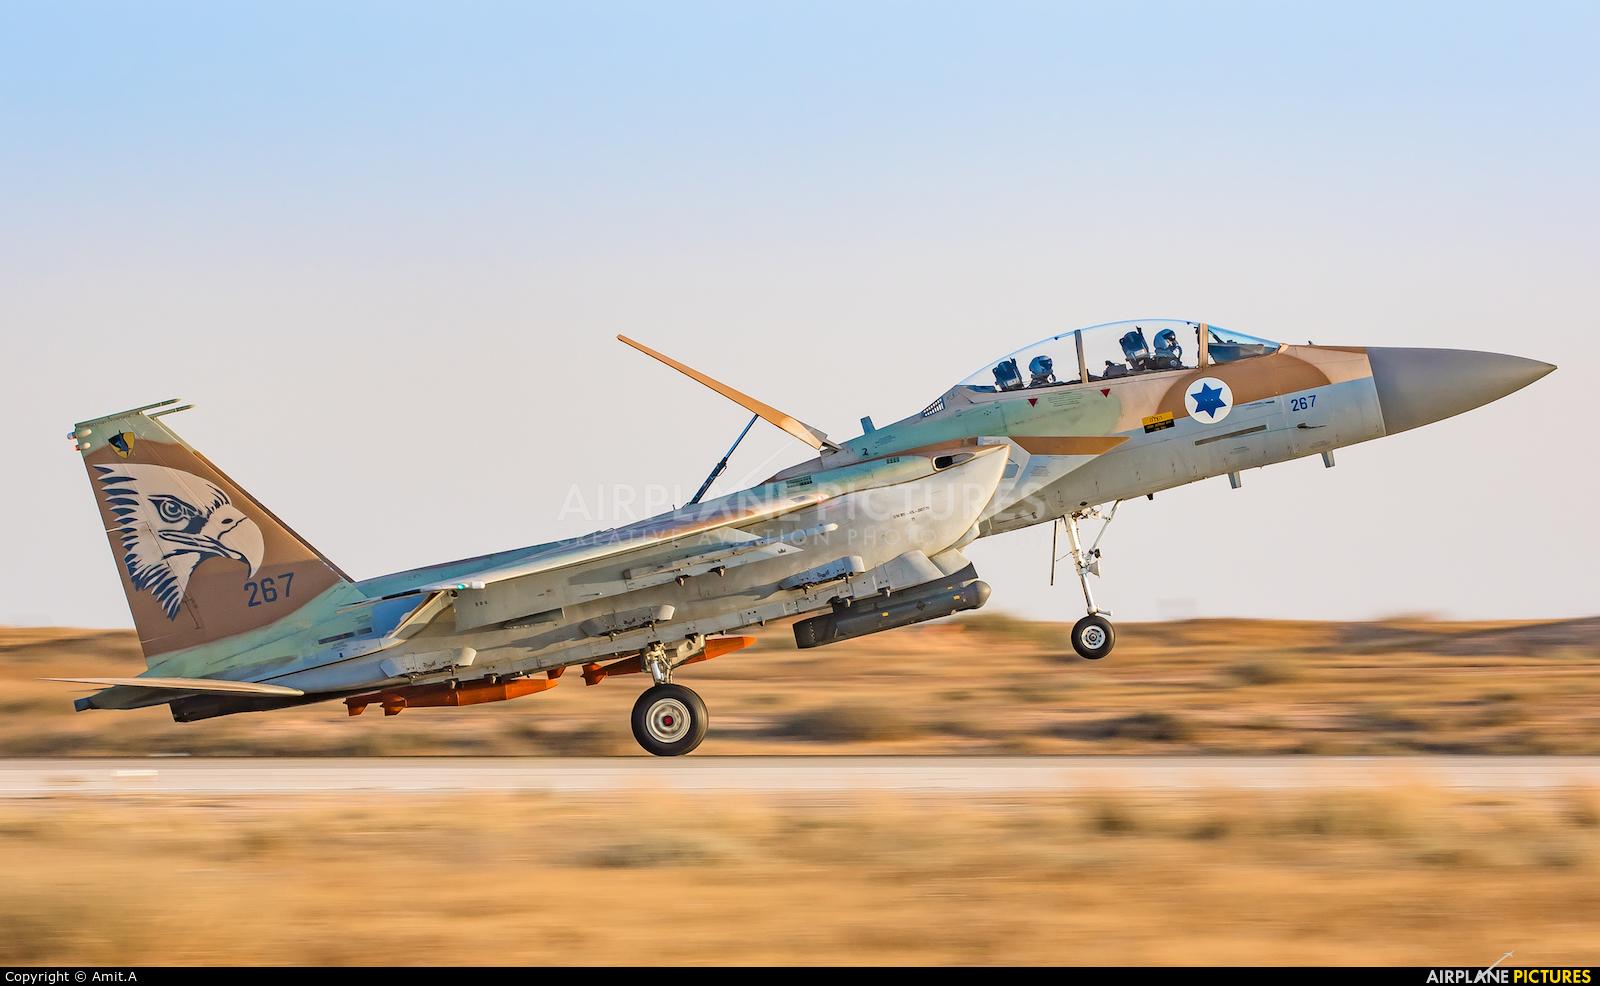 Israel - Defence Force 267 aircraft at Beersheba - Hatzerim